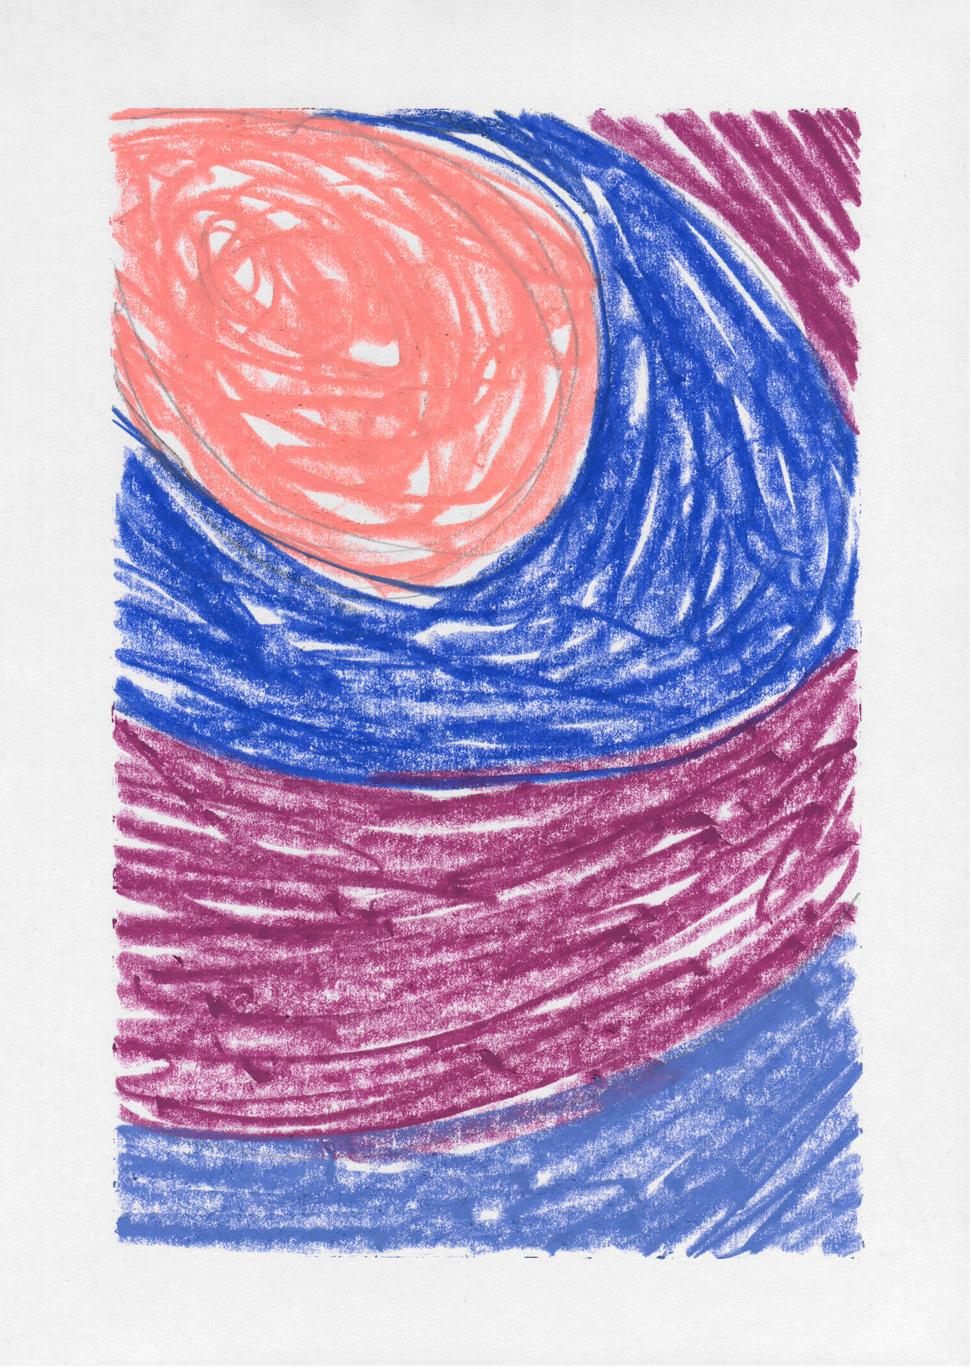 james-watkins-work-on-paper-2